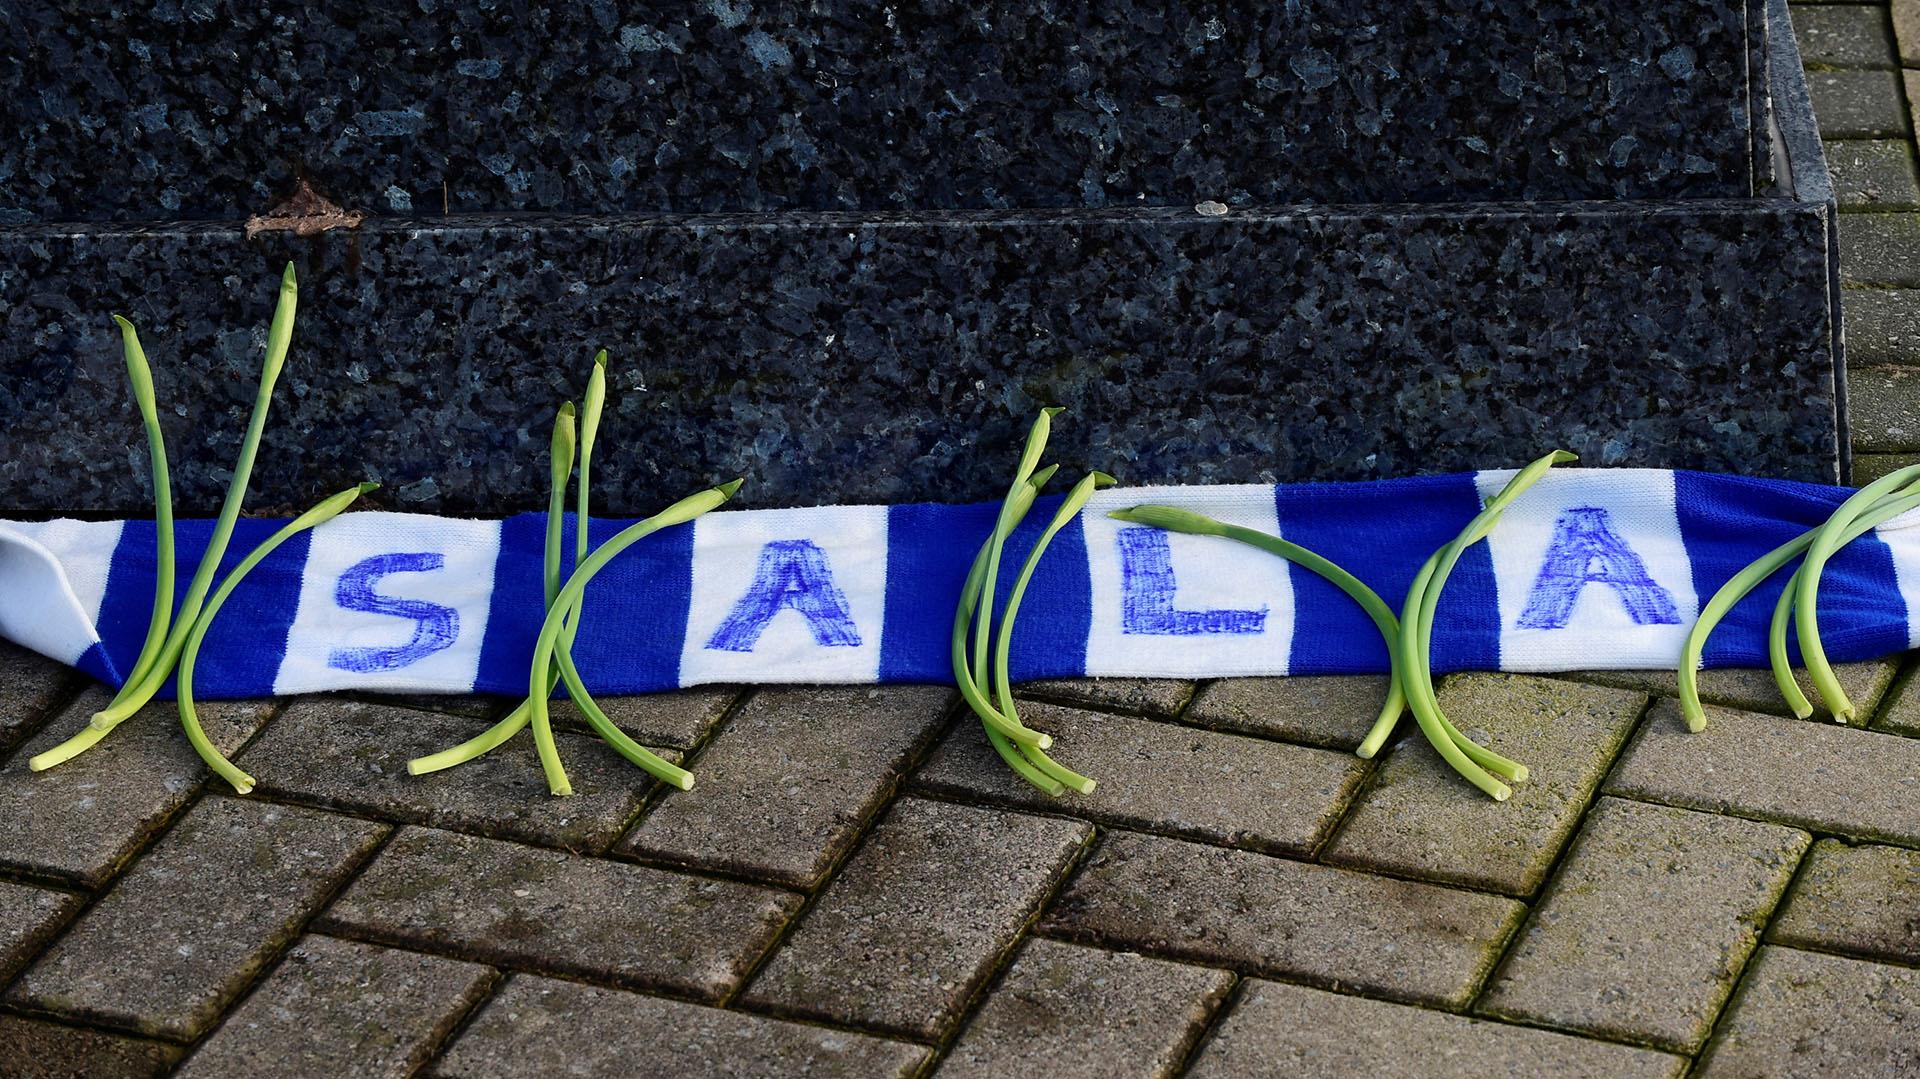 Bufandas con el nombre del jugador y flores aparecieron en las inmediaciones del campo de juego en honor al argentino